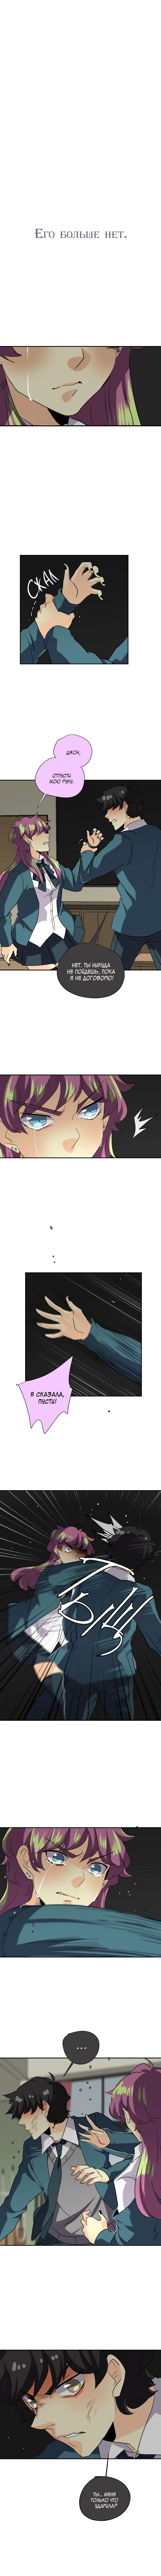 Манга неОРДИНАРНЫЕ / unORDINARY  - Том 2 Глава 174 Страница 1